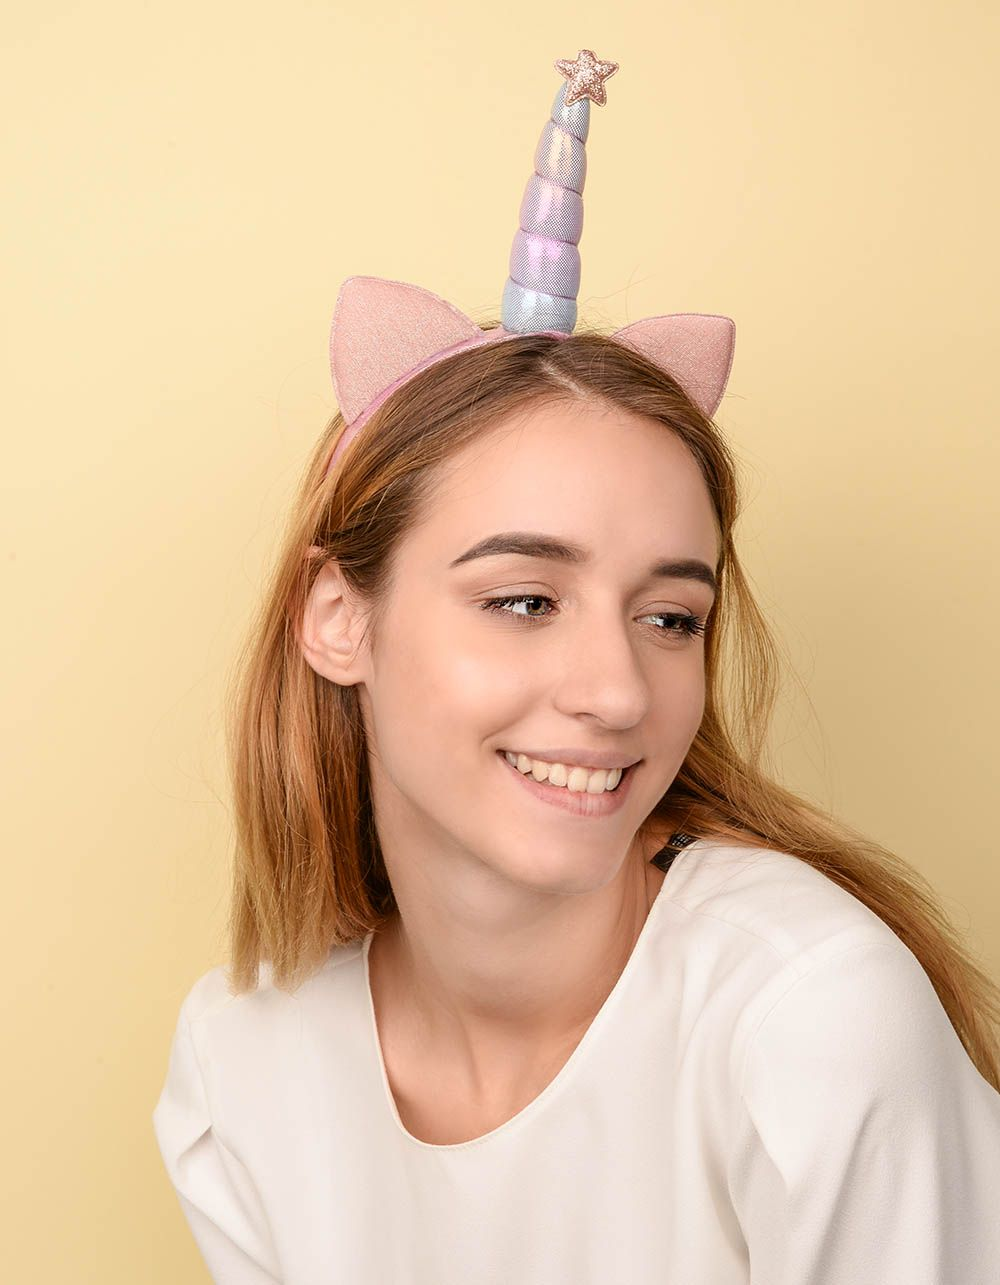 Обідок для волосся у вигляді єдинорога | 237771-14-XX